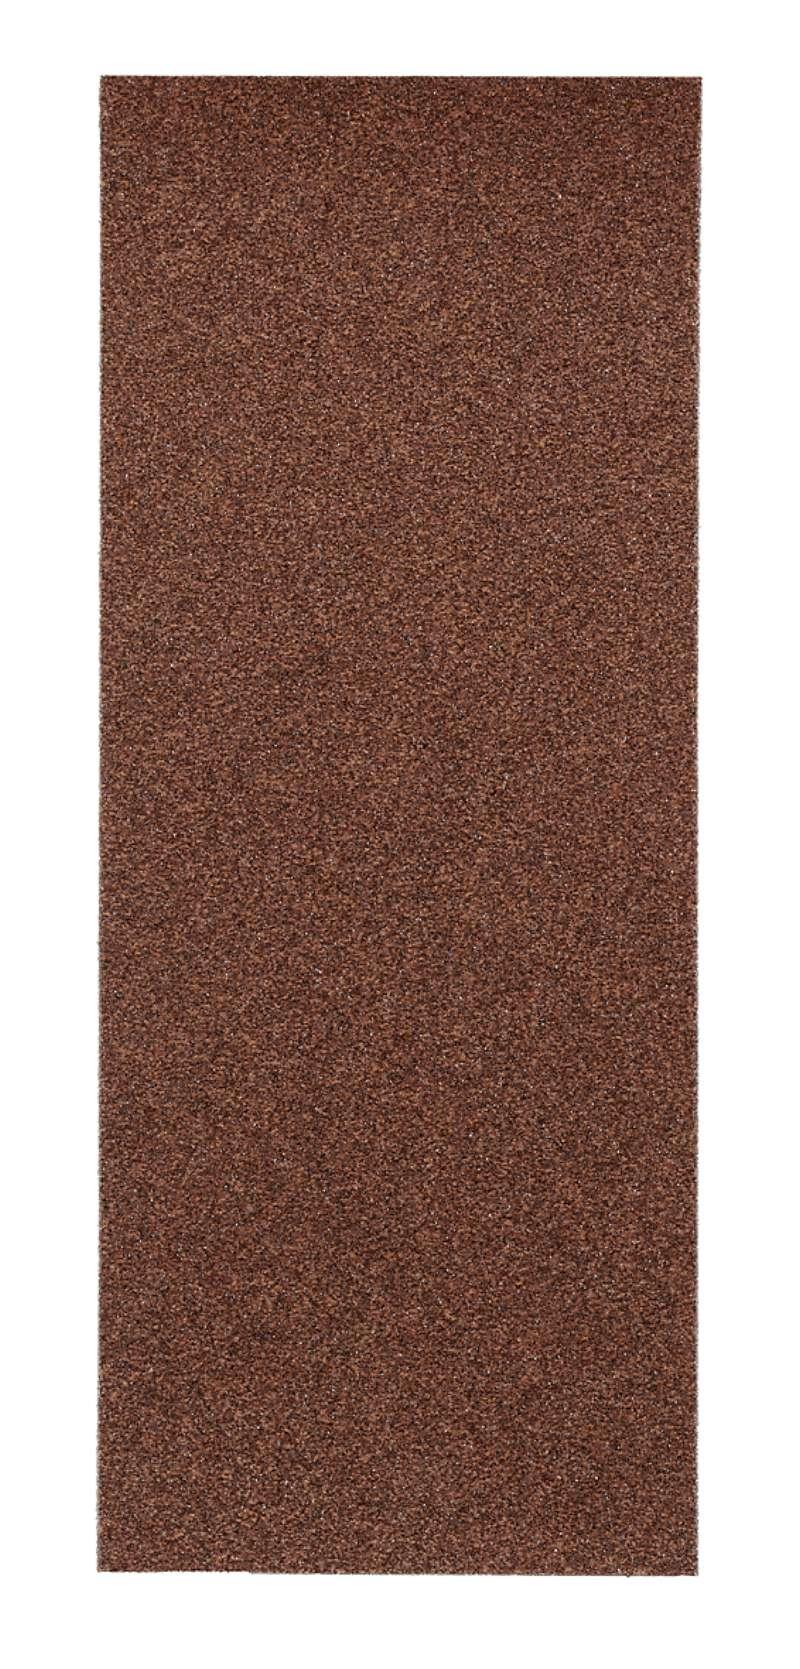 Лист шлифовальный Kwb 815-240 ремень лист